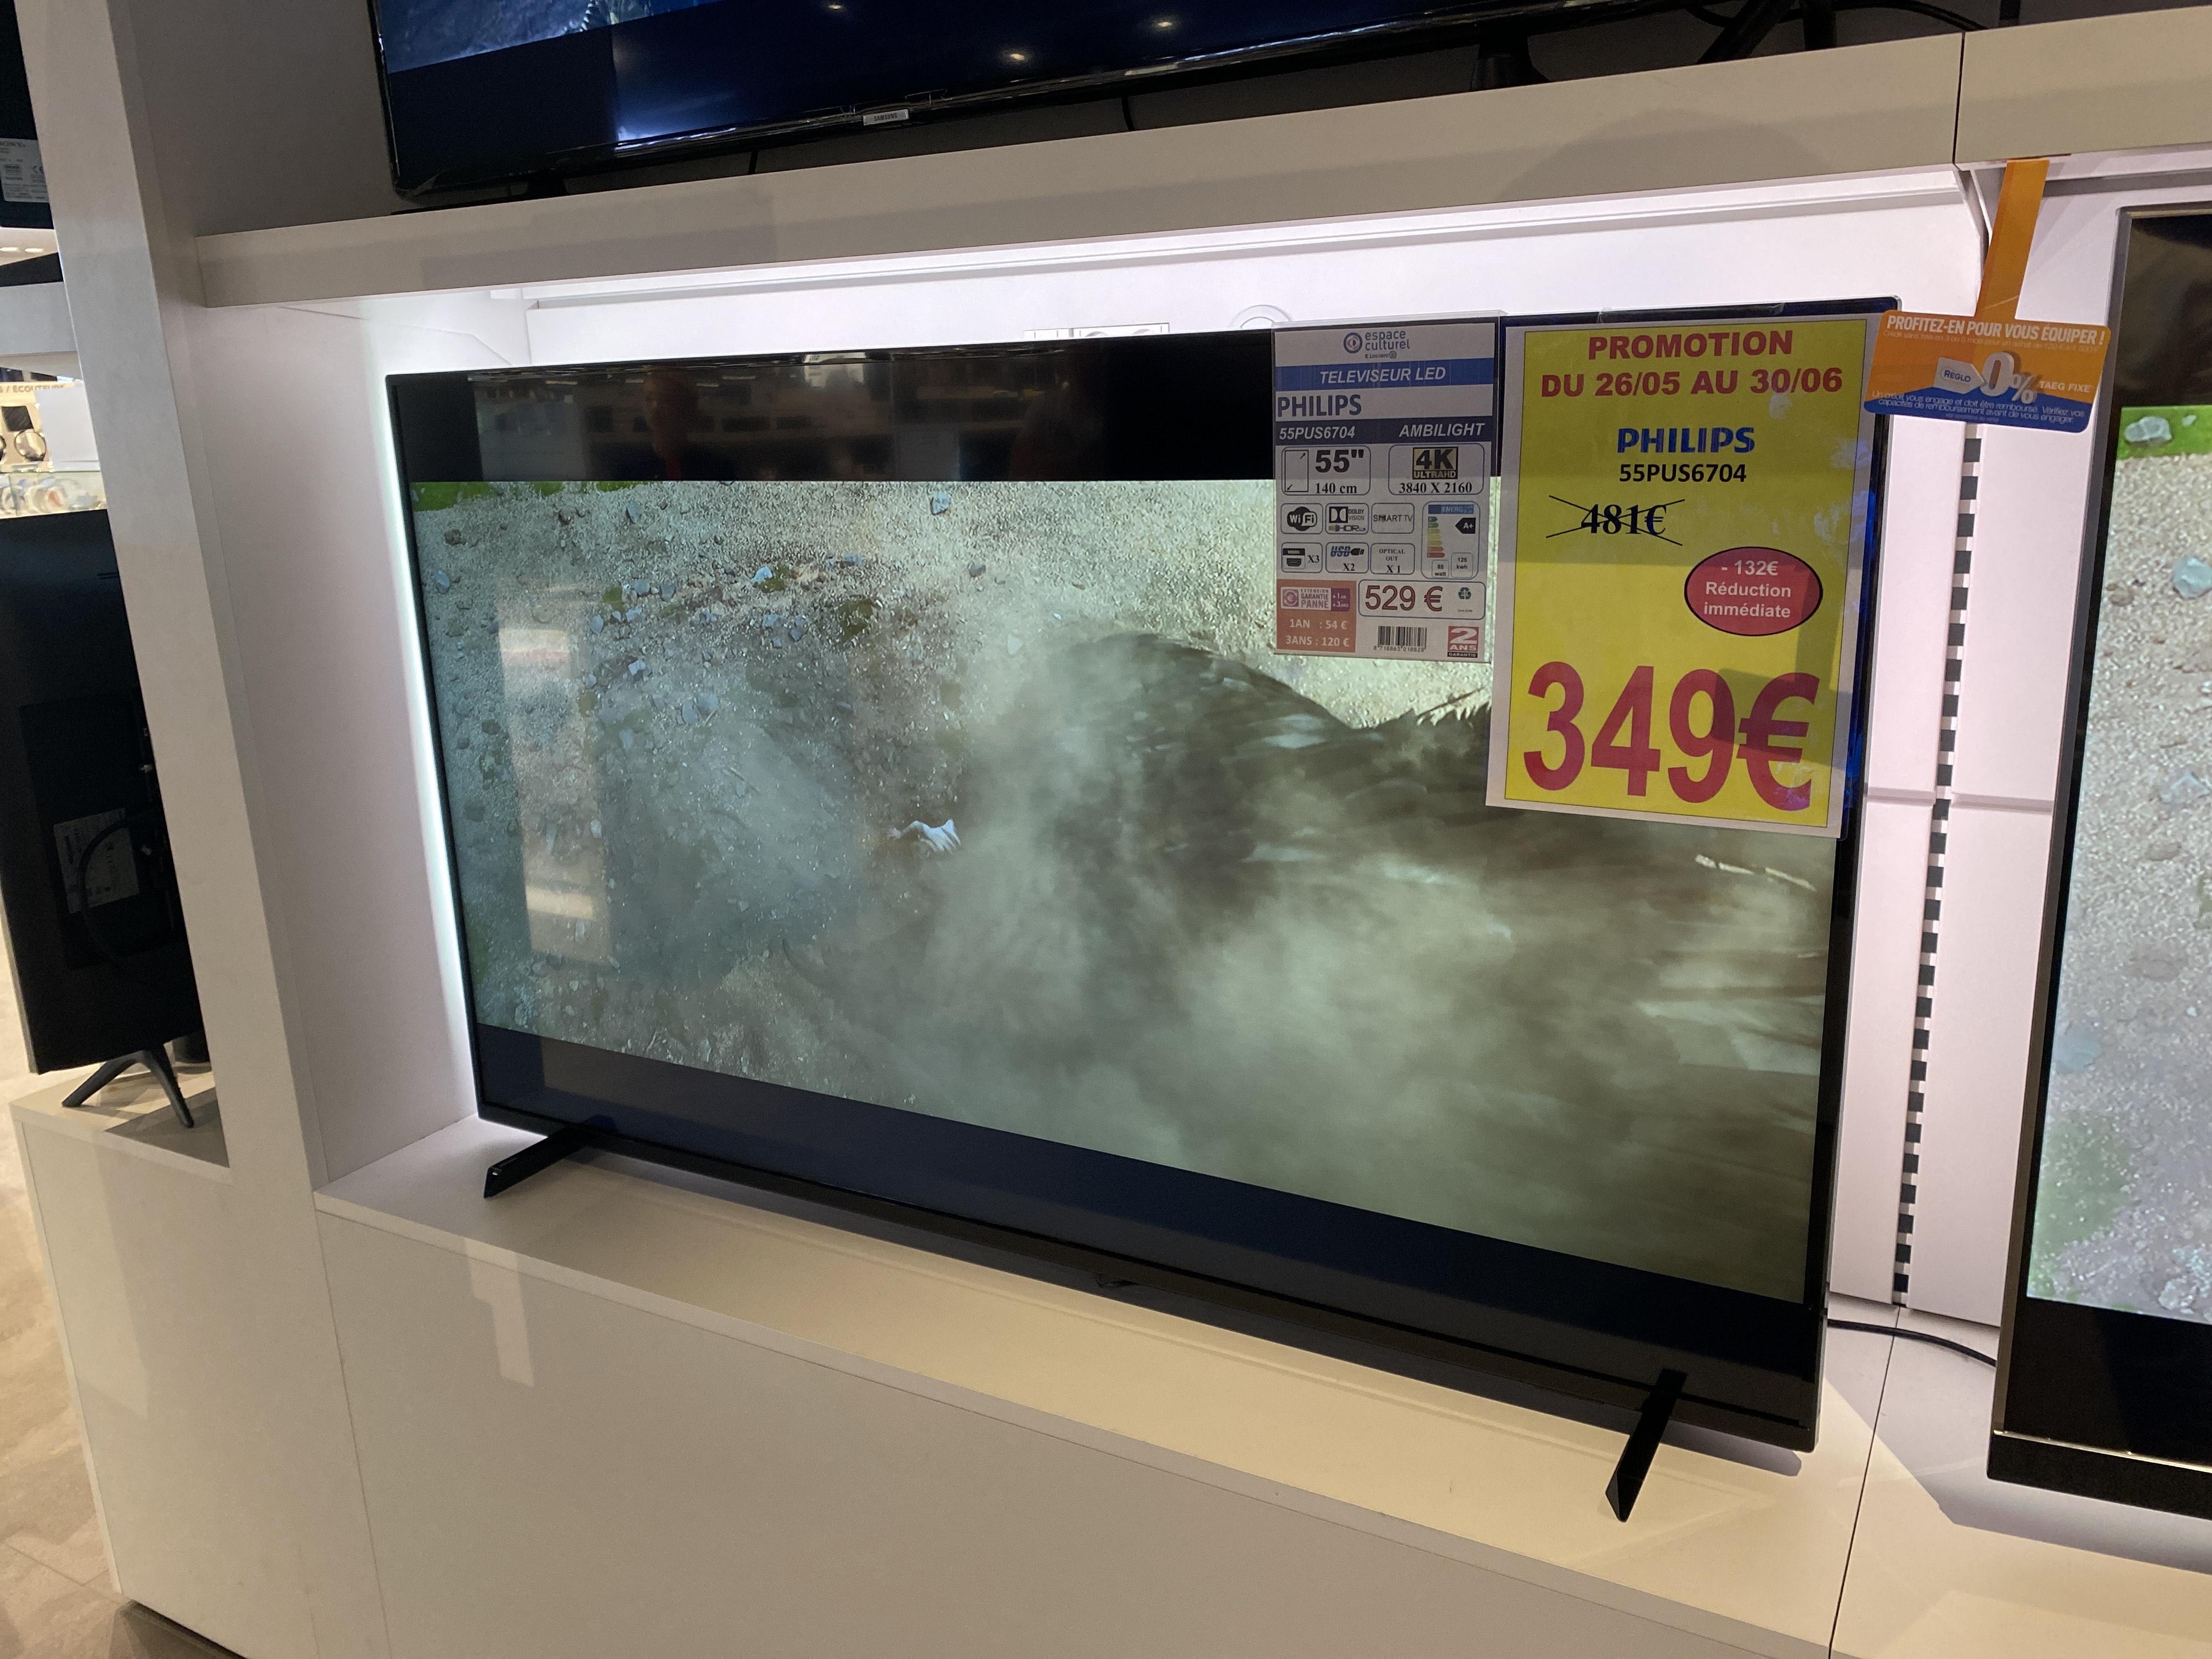 """TV 55"""" Philips 55PUS6704 - 4K UHD, LED, Smart TV, Ambilight 3 côtés, Dolby Vision - Bellerive-sur-Allier (03)"""